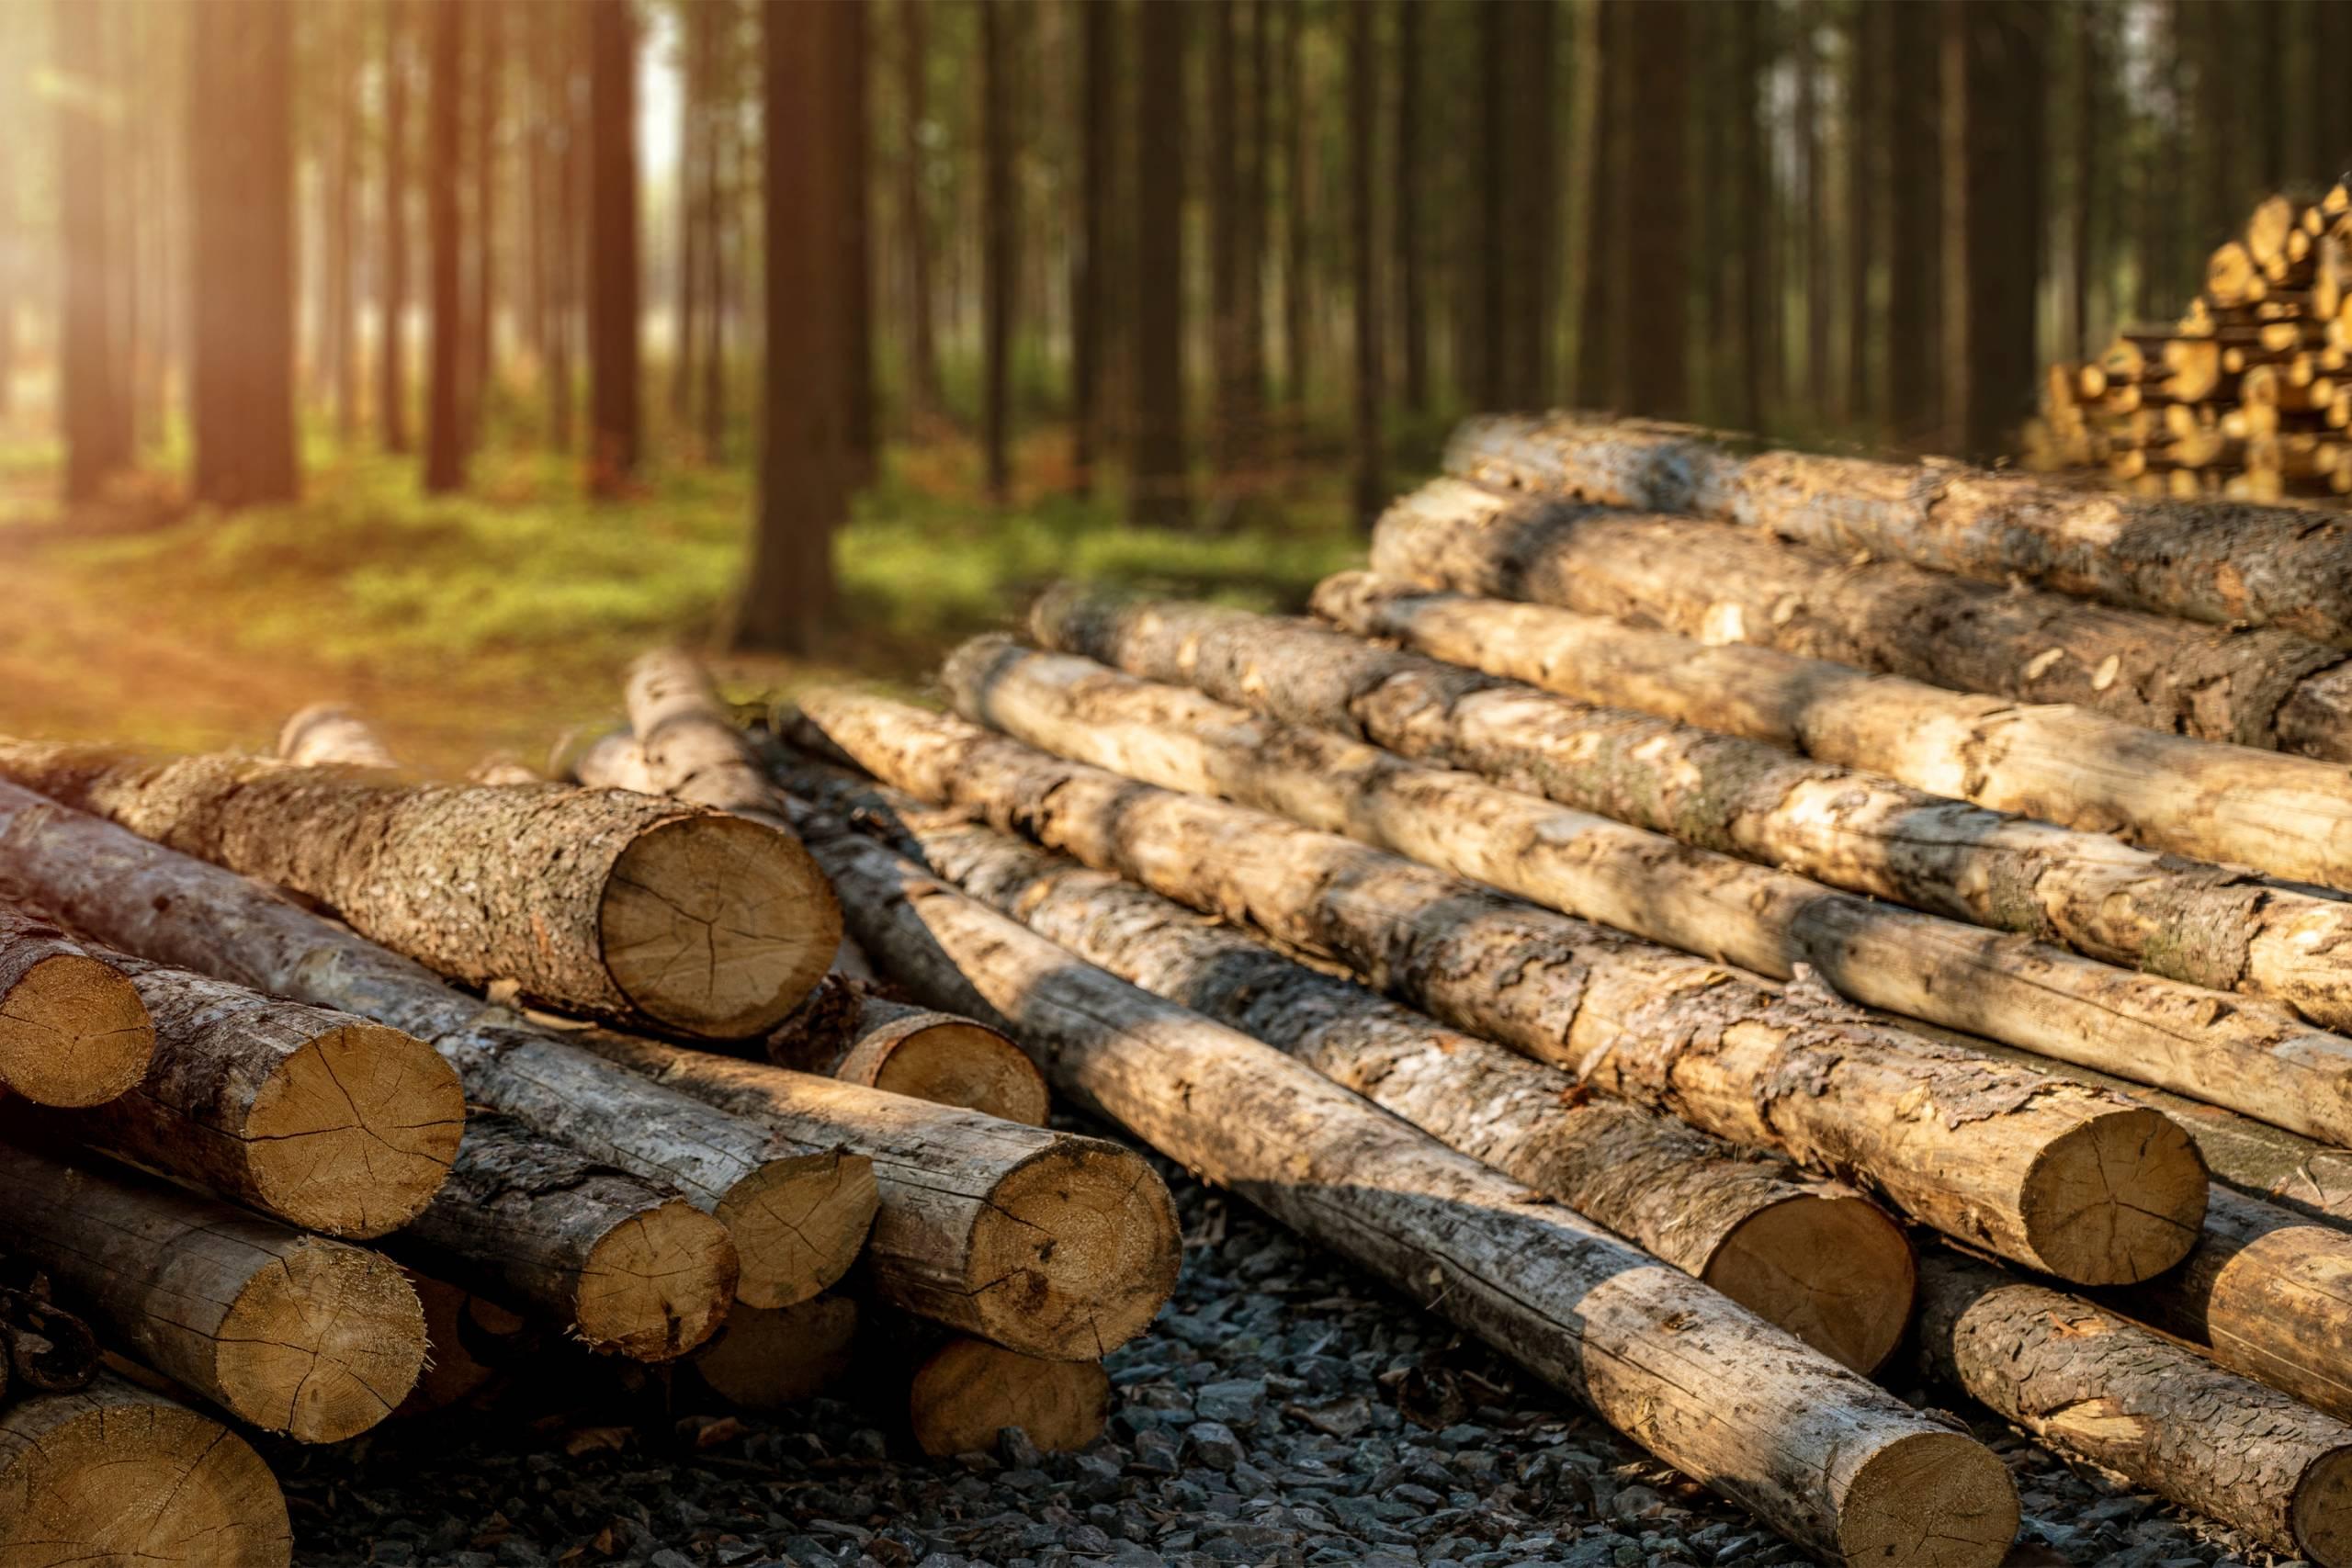 Казахстан вводит запрет на вывоз лесоматериалов